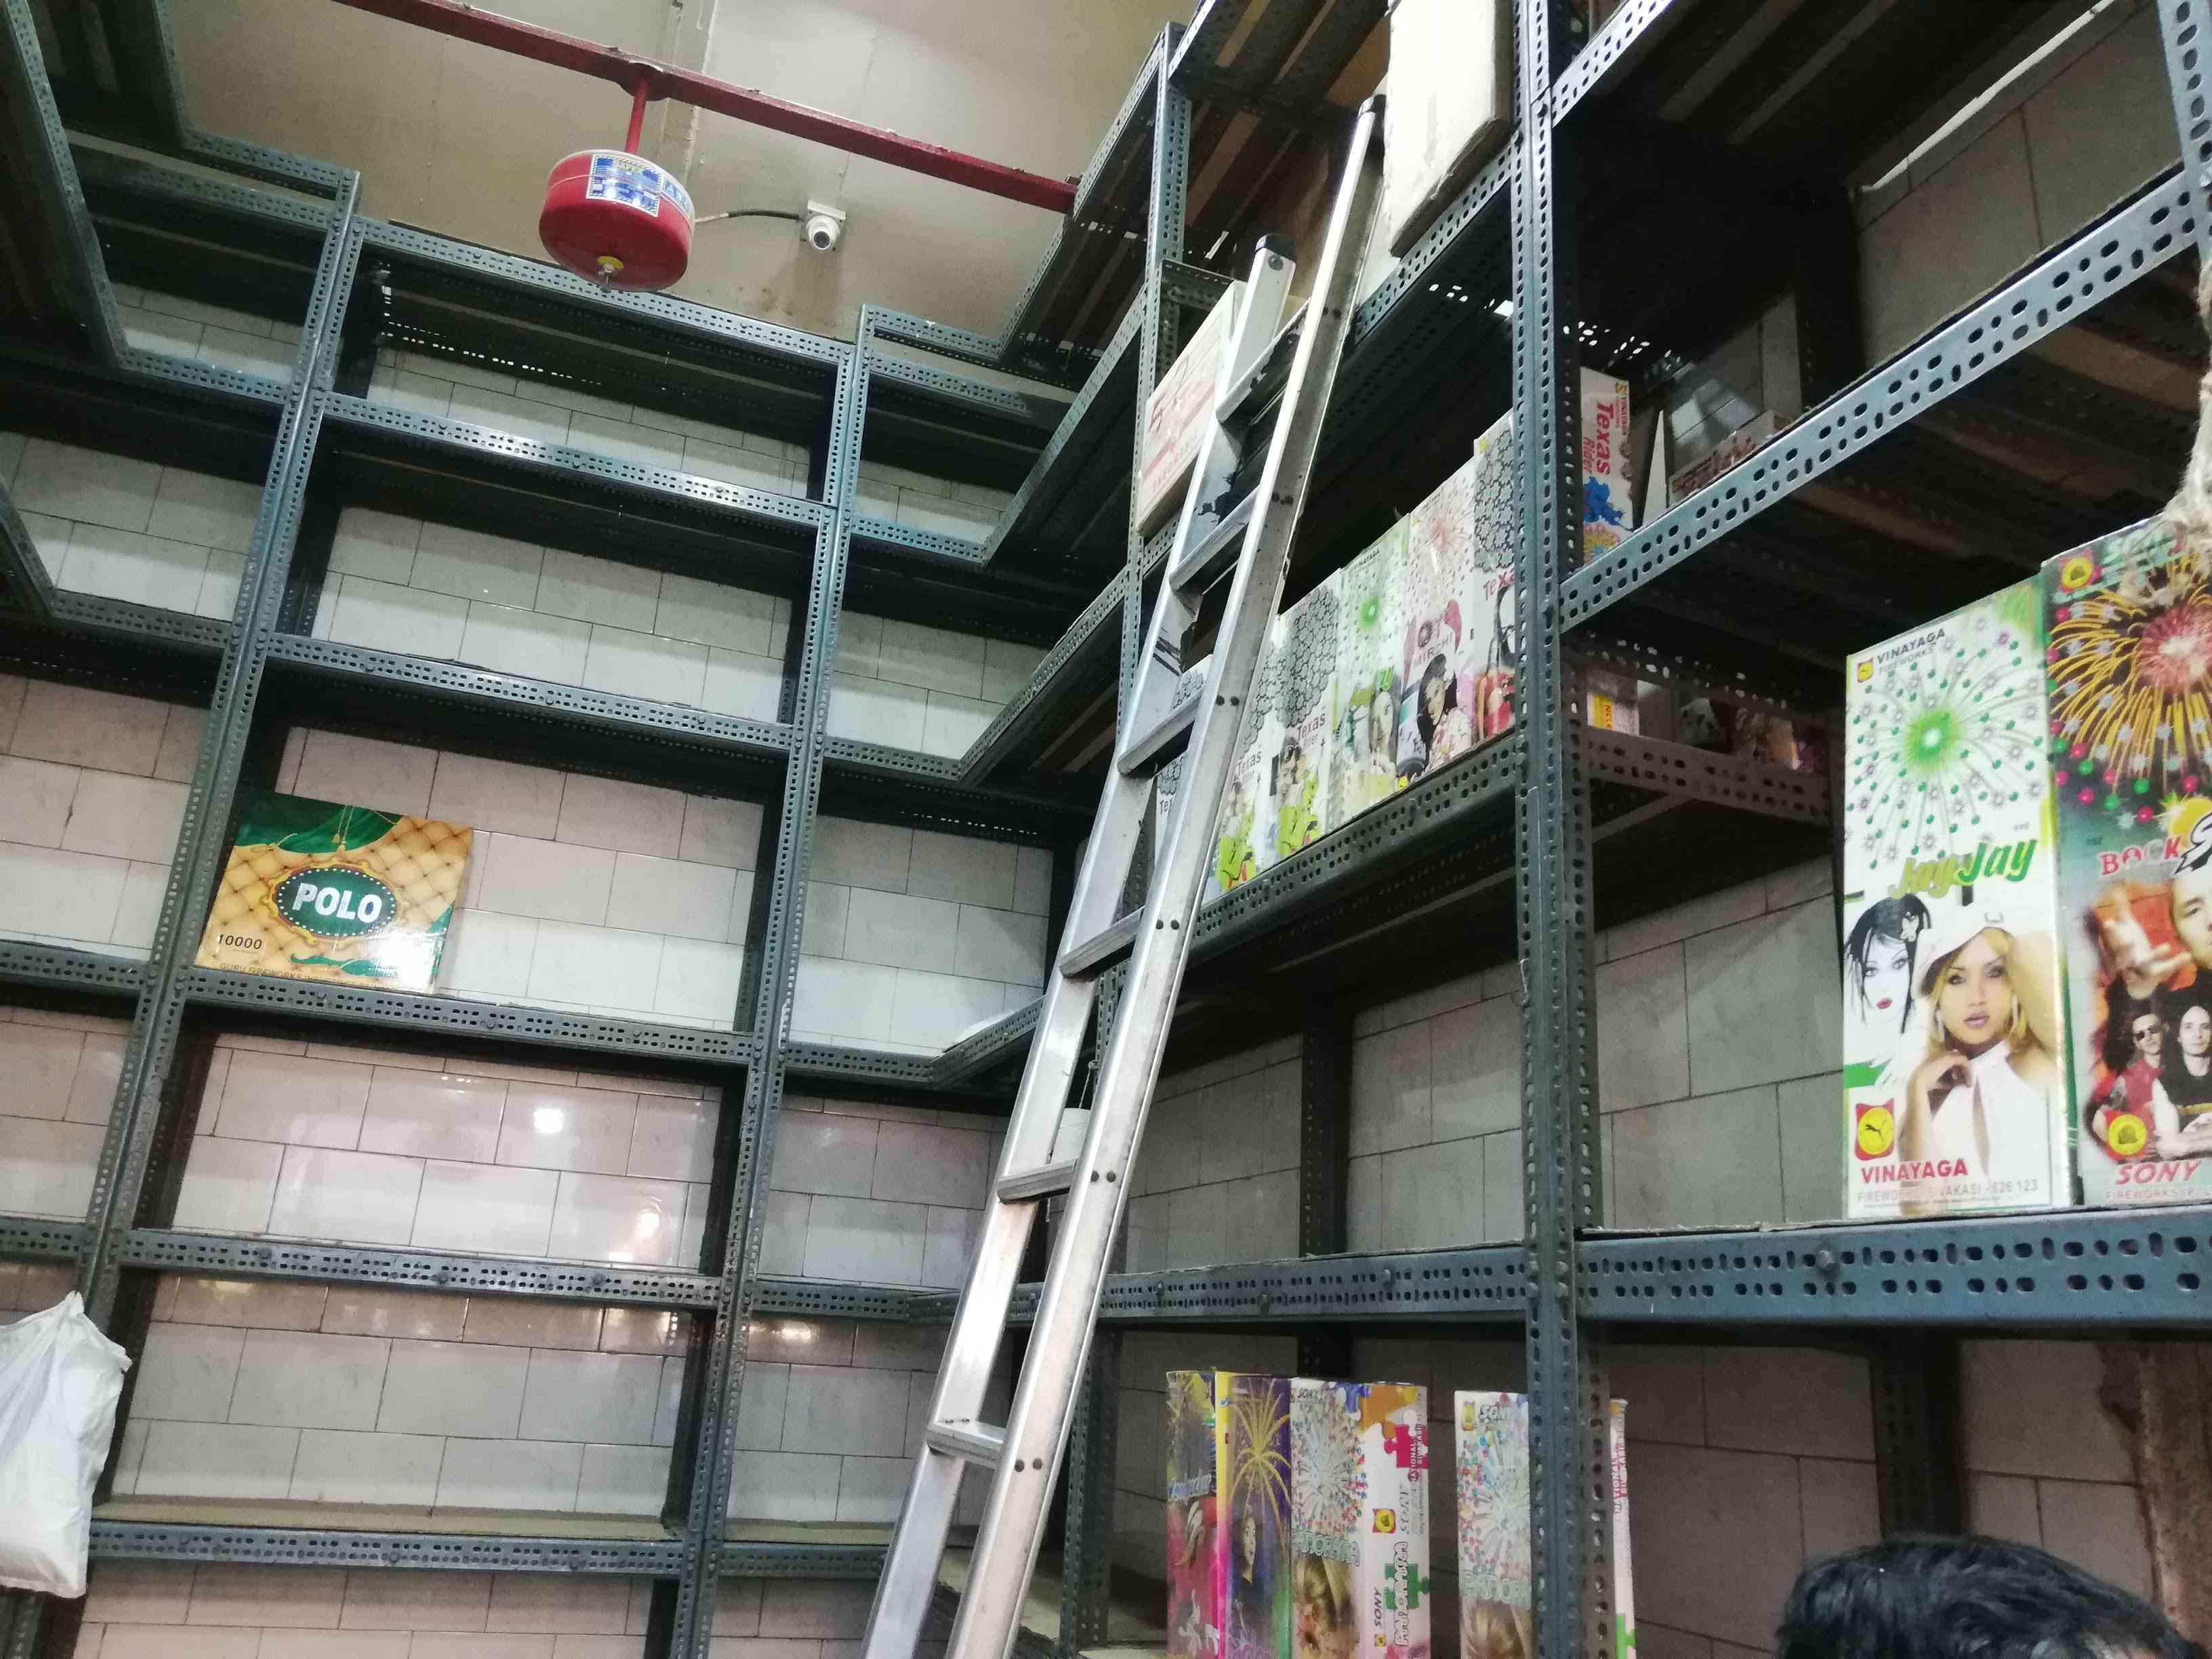 Empty shelves at Minesh Mehta's J Devidas and Co firecracker company in South Mumbai. (Photo credit: Mridula Chari).